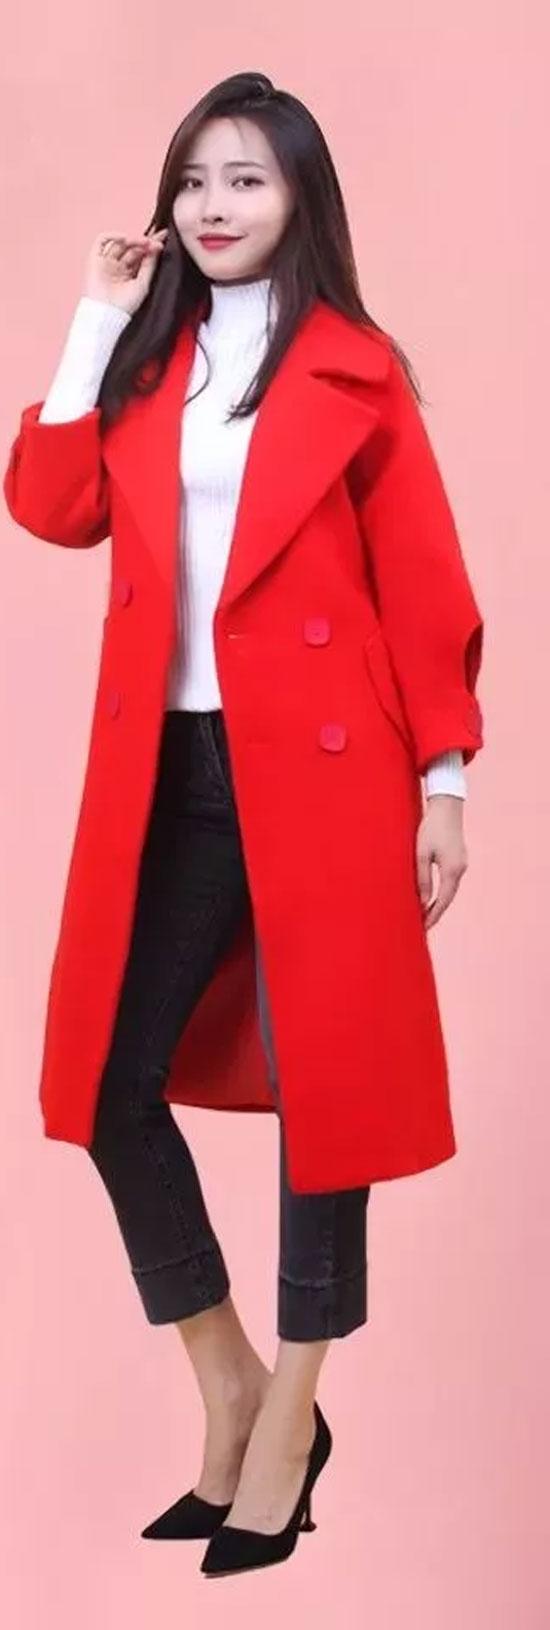 2018职场穿搭造型示范 红色大衣HOLD住全场